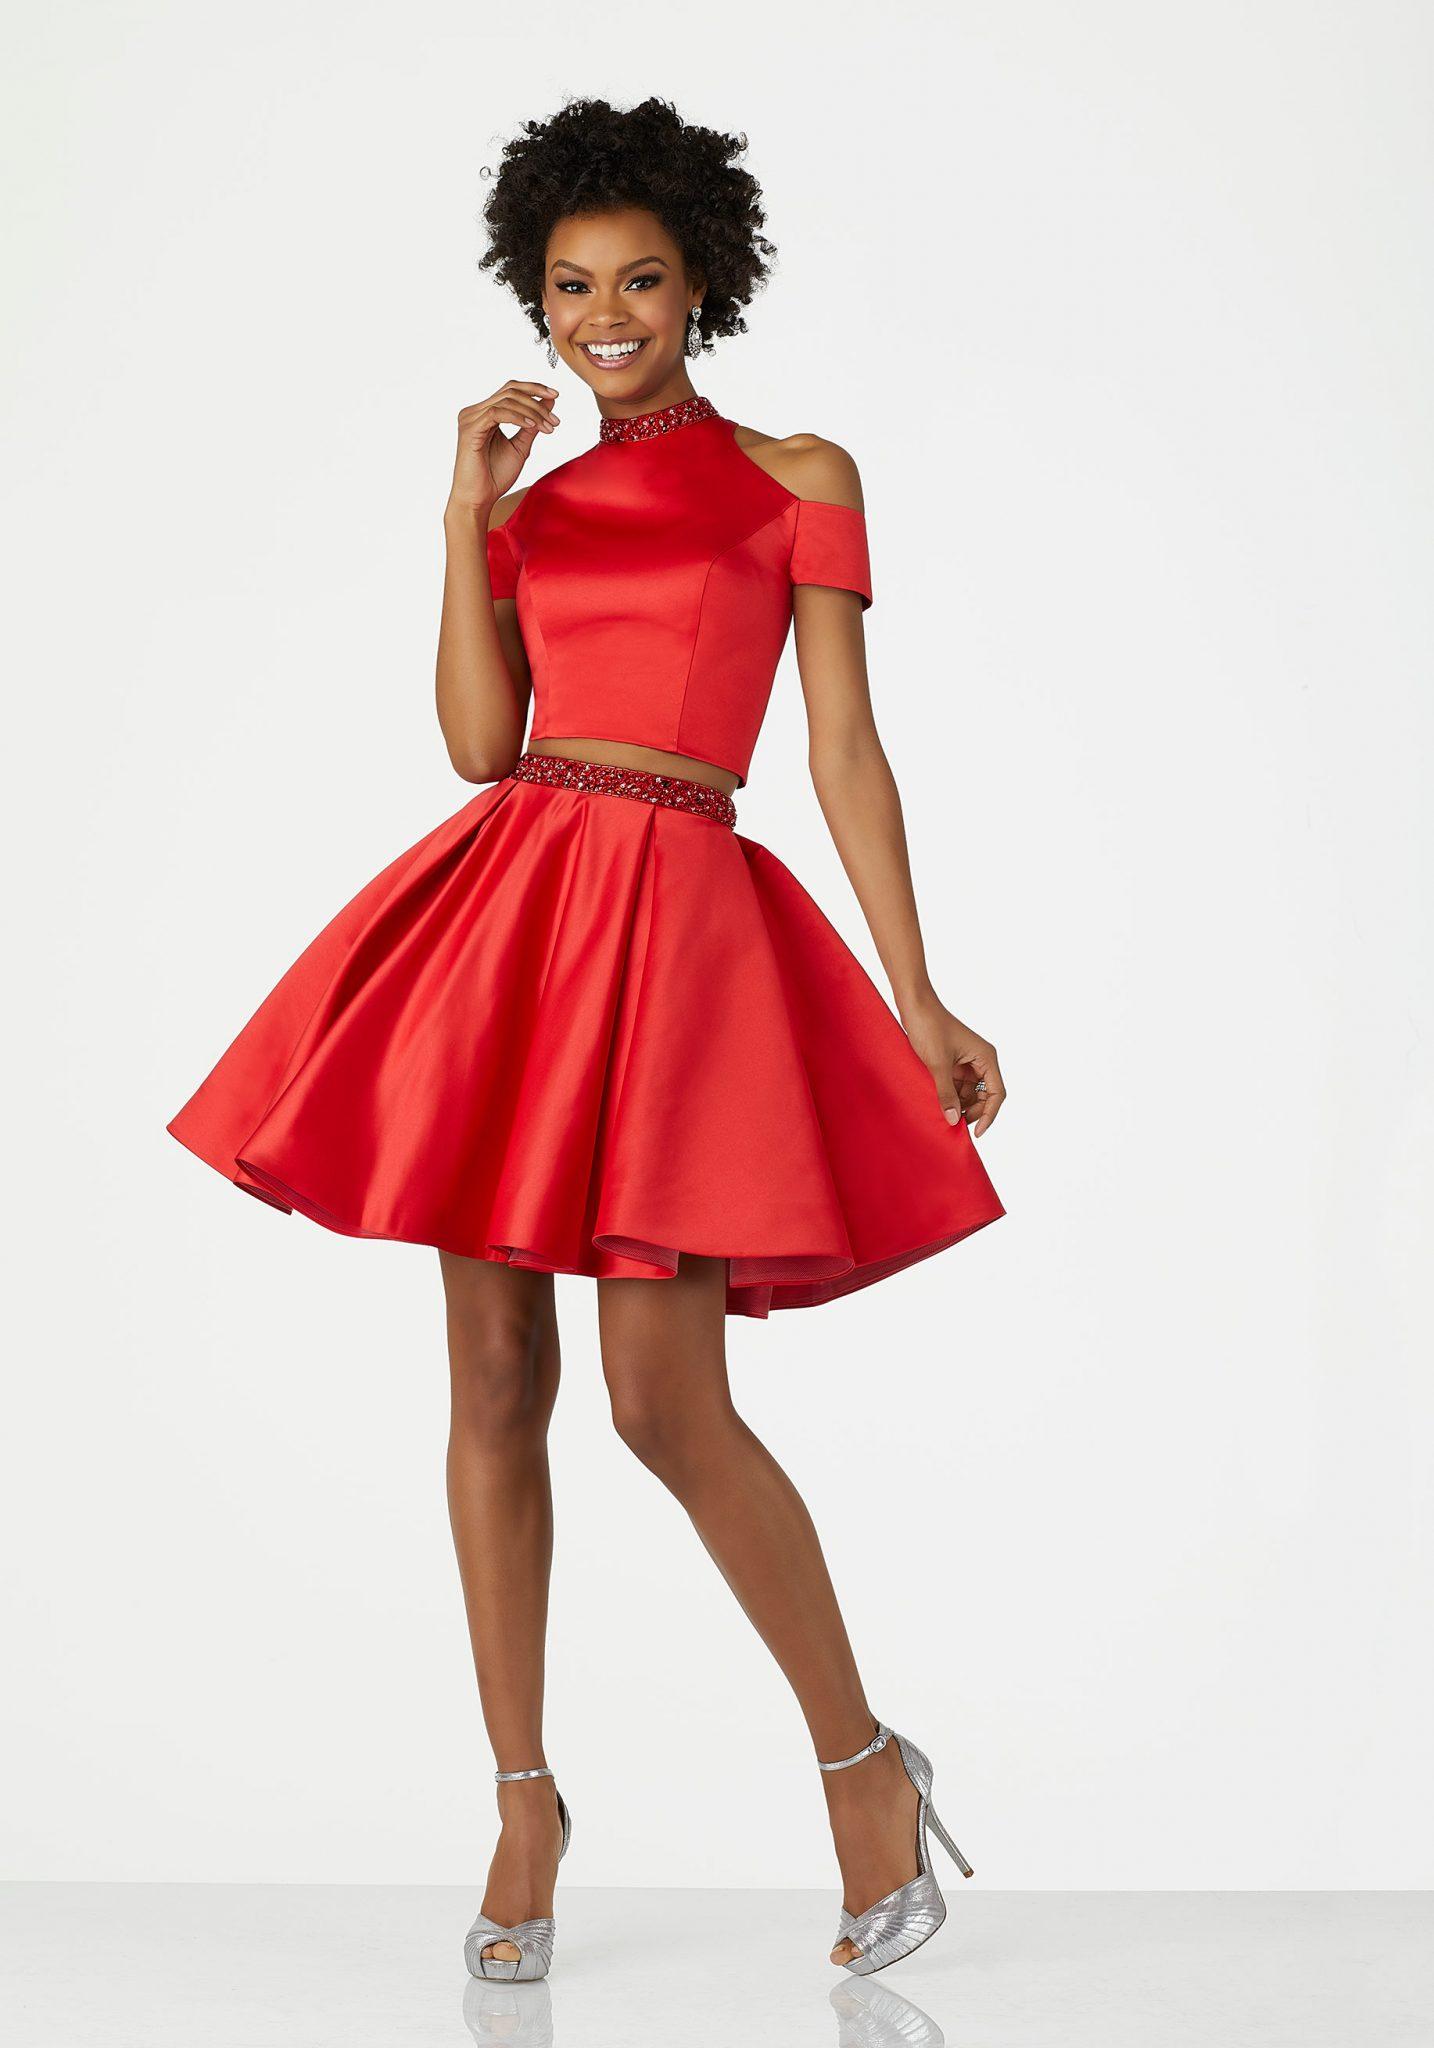 2020 Abiye Elbise Kısa Abiye Modelleri Kırmızı Omuzlar Açık Saten İki Parça